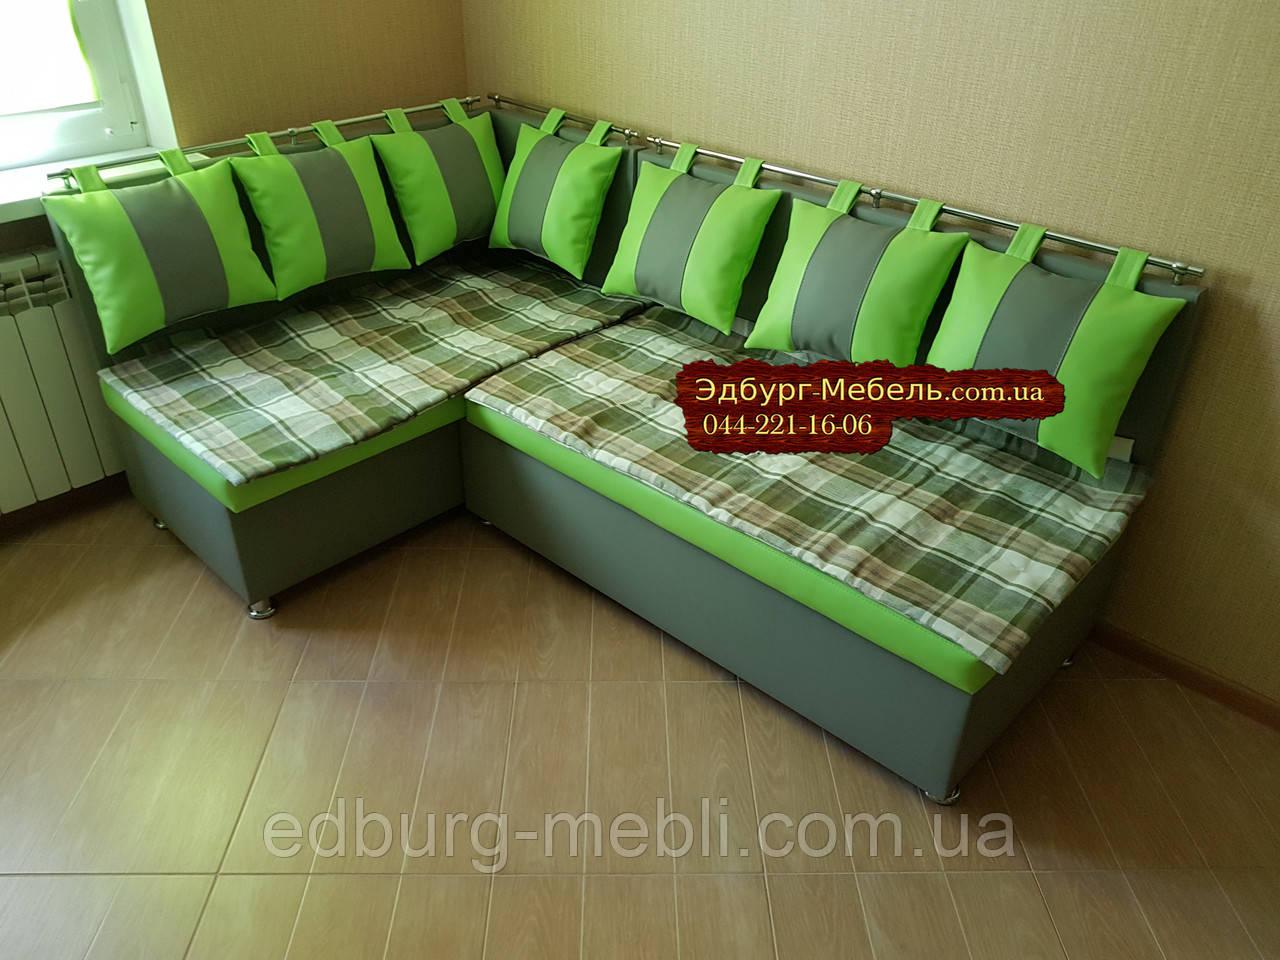 Кухонний куточок зі спальним місцем і килимками для сидінь